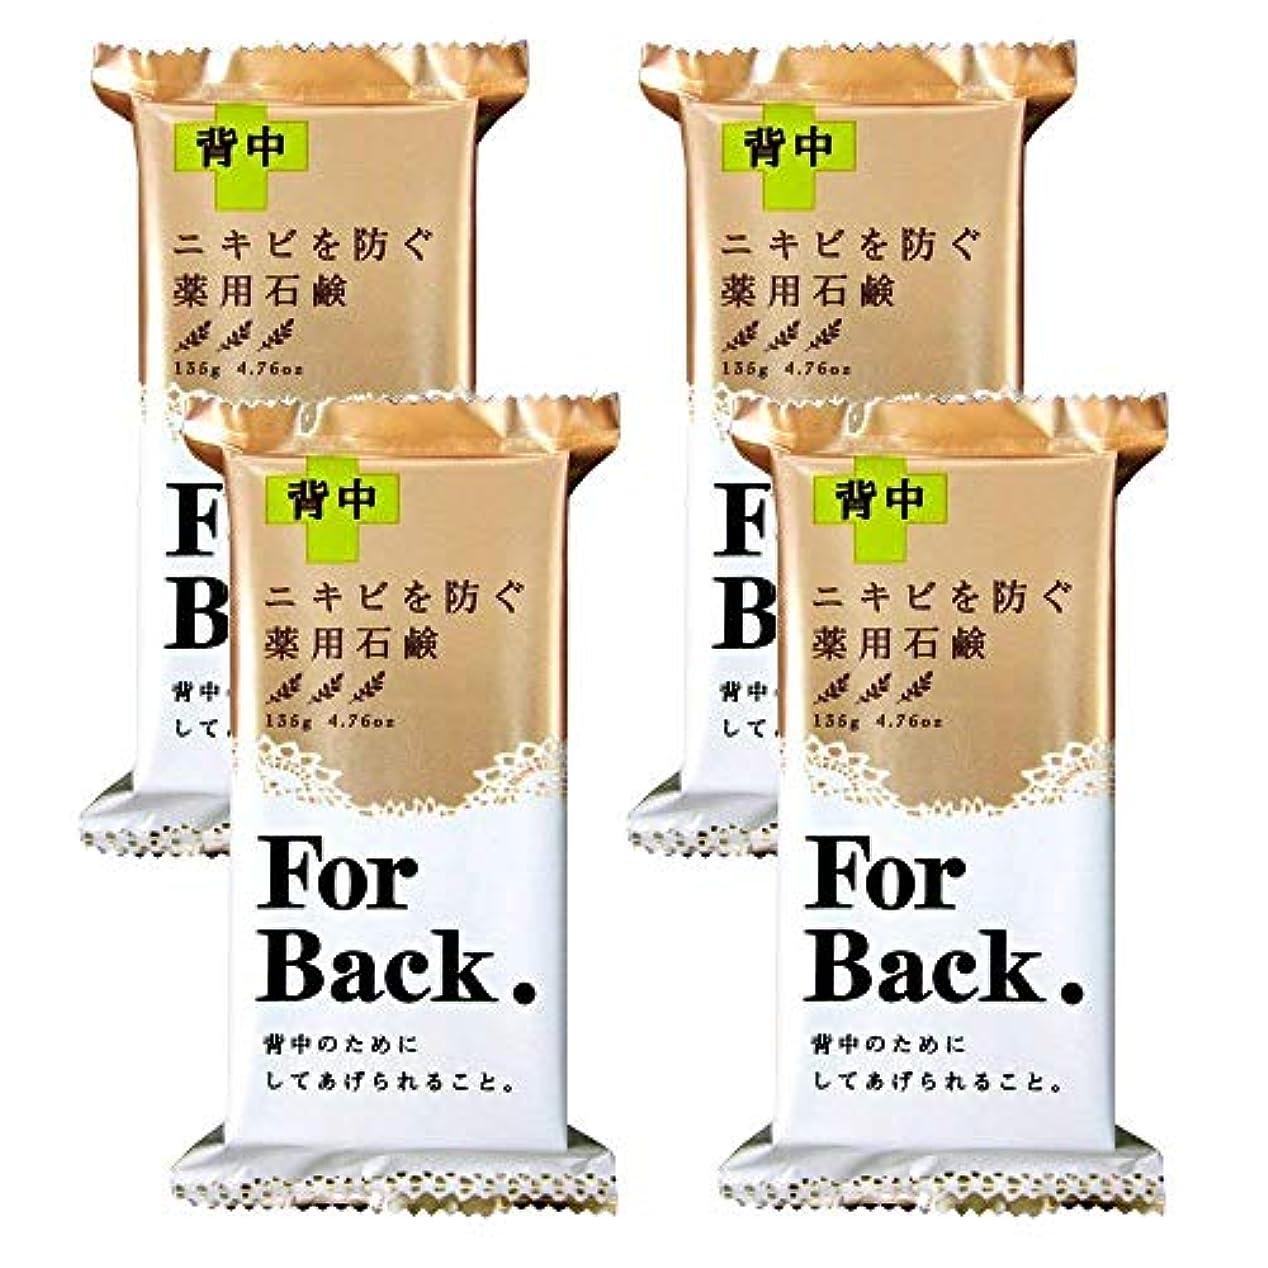 夢シェトランド諸島マイク薬用石鹸 ForBack 135g×4個セット